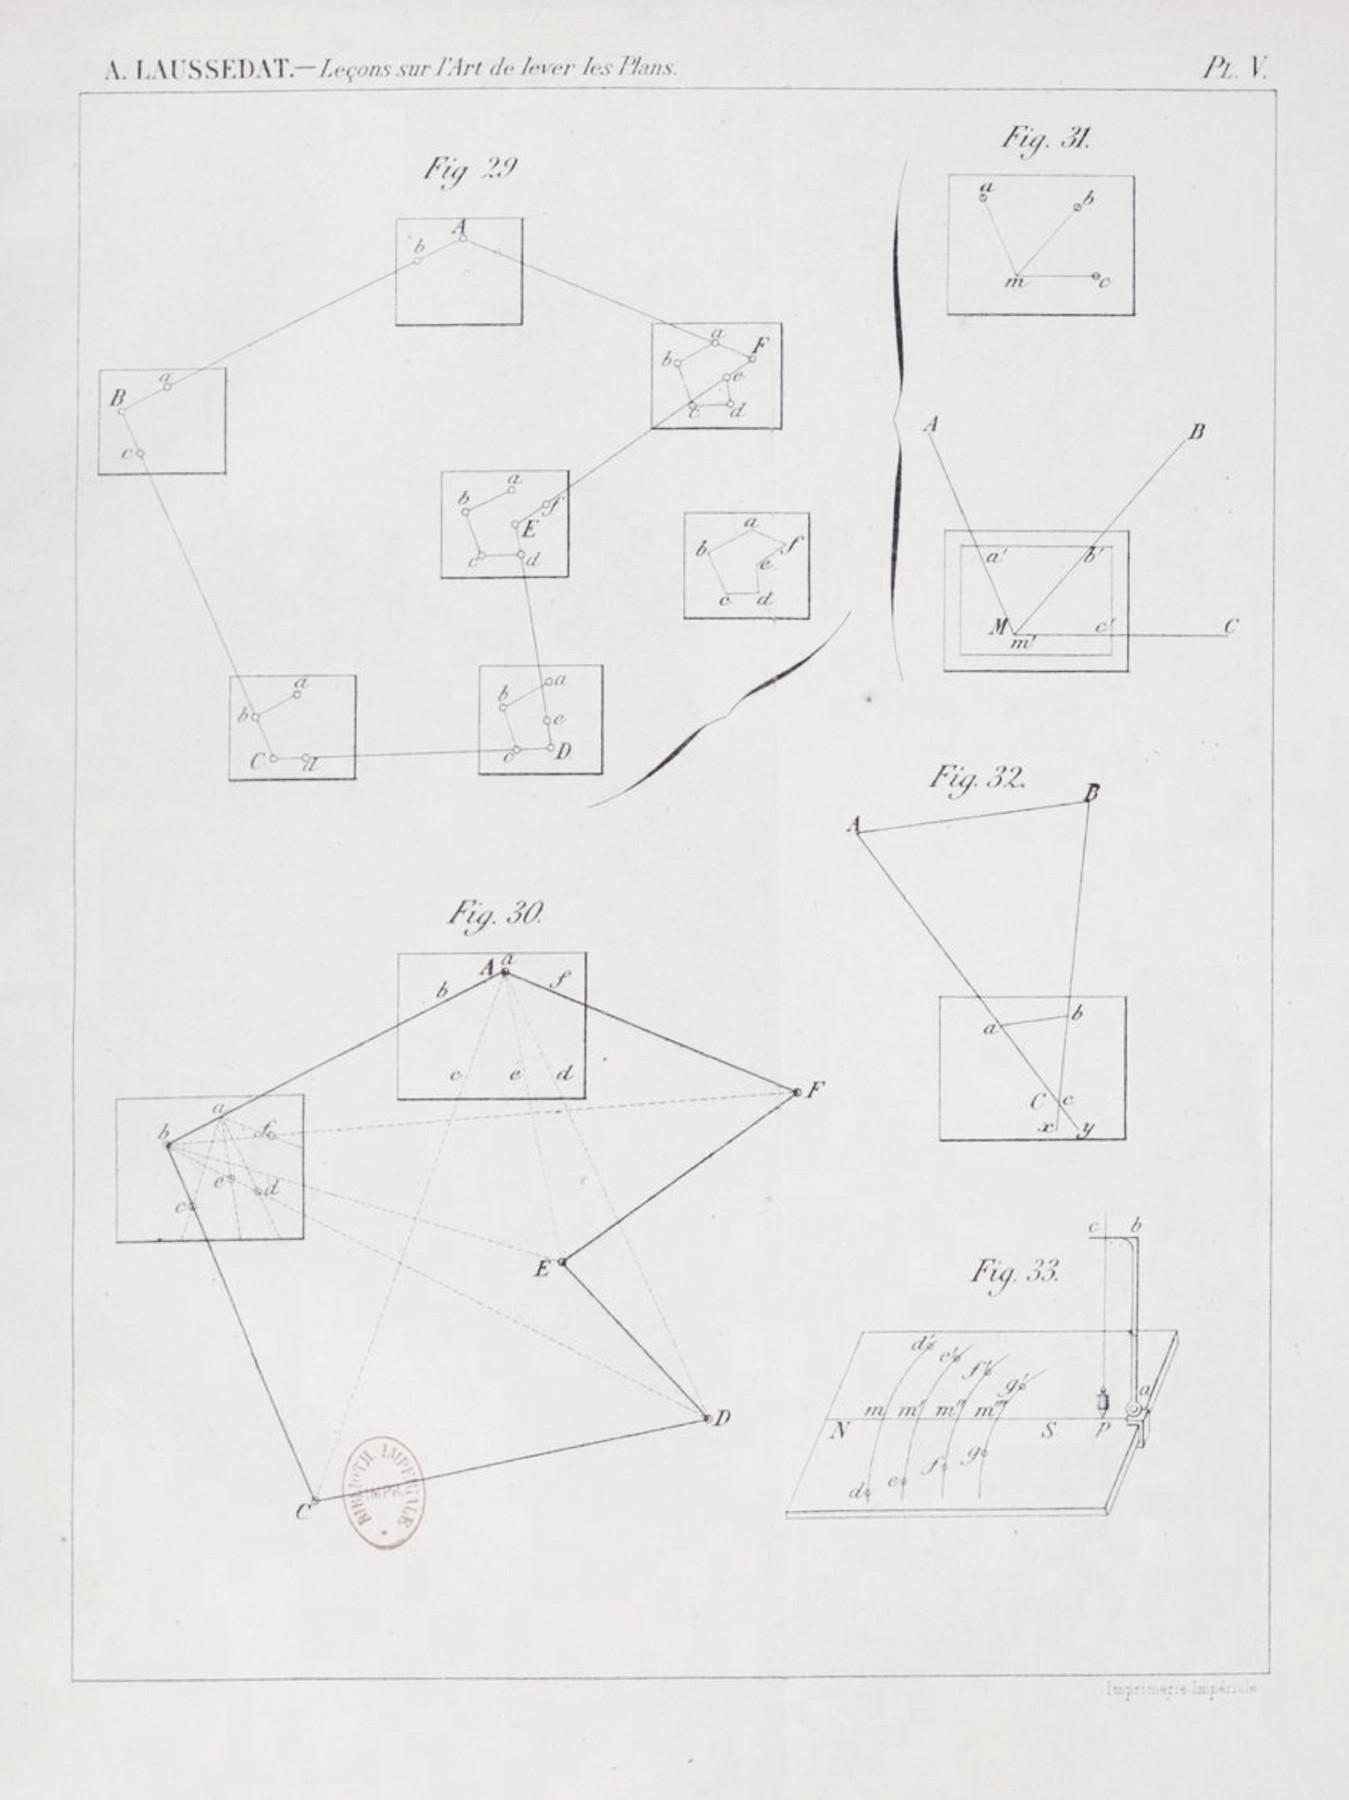 Aimé Laussedat, Leçon sur l'Art de lever les plans